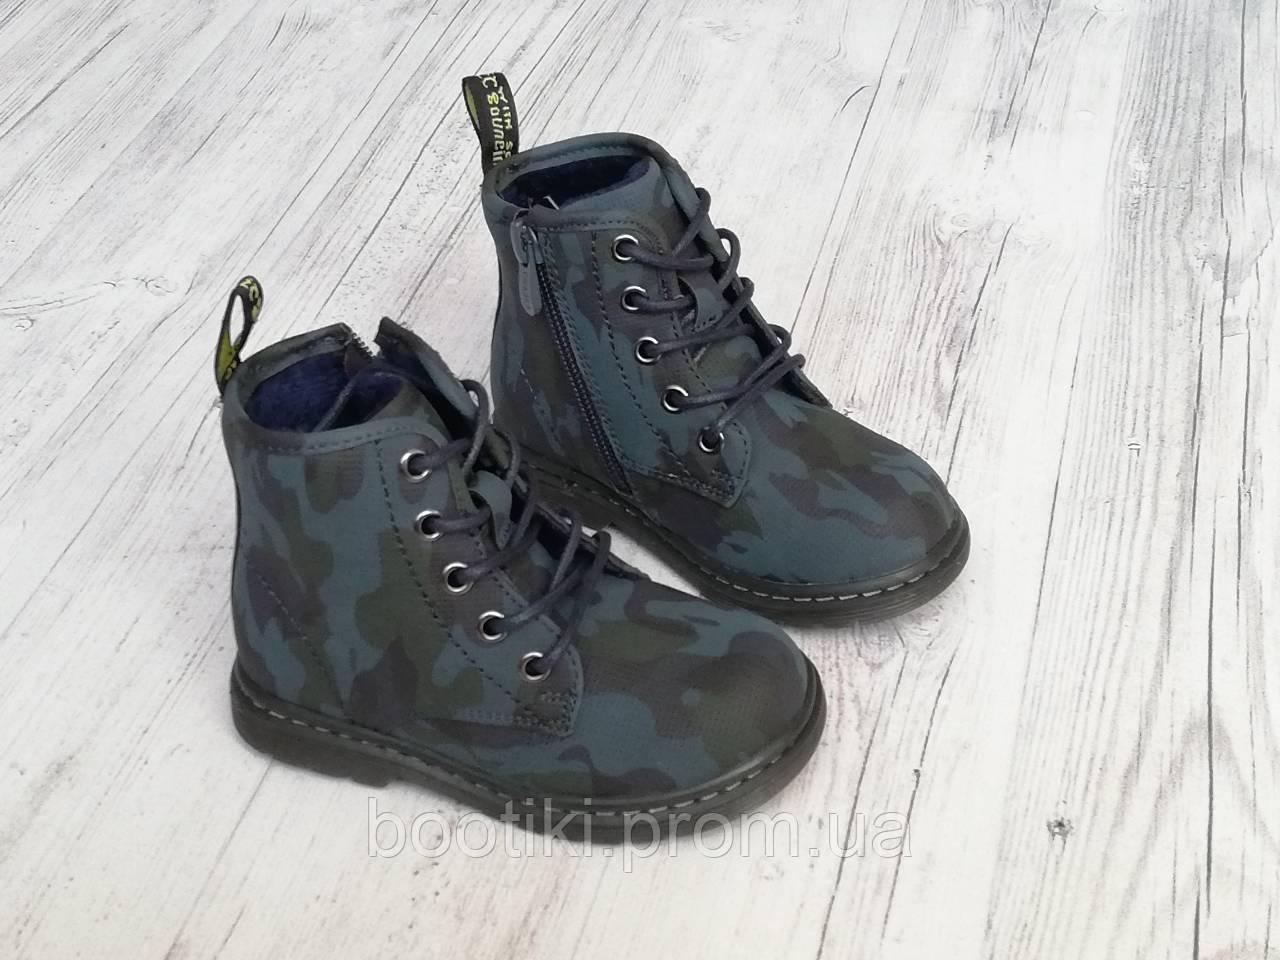 3633a333e Демисезонные ботинки тм Сказка 21-26 для мальчиков - BOOTIKI.com.ua -